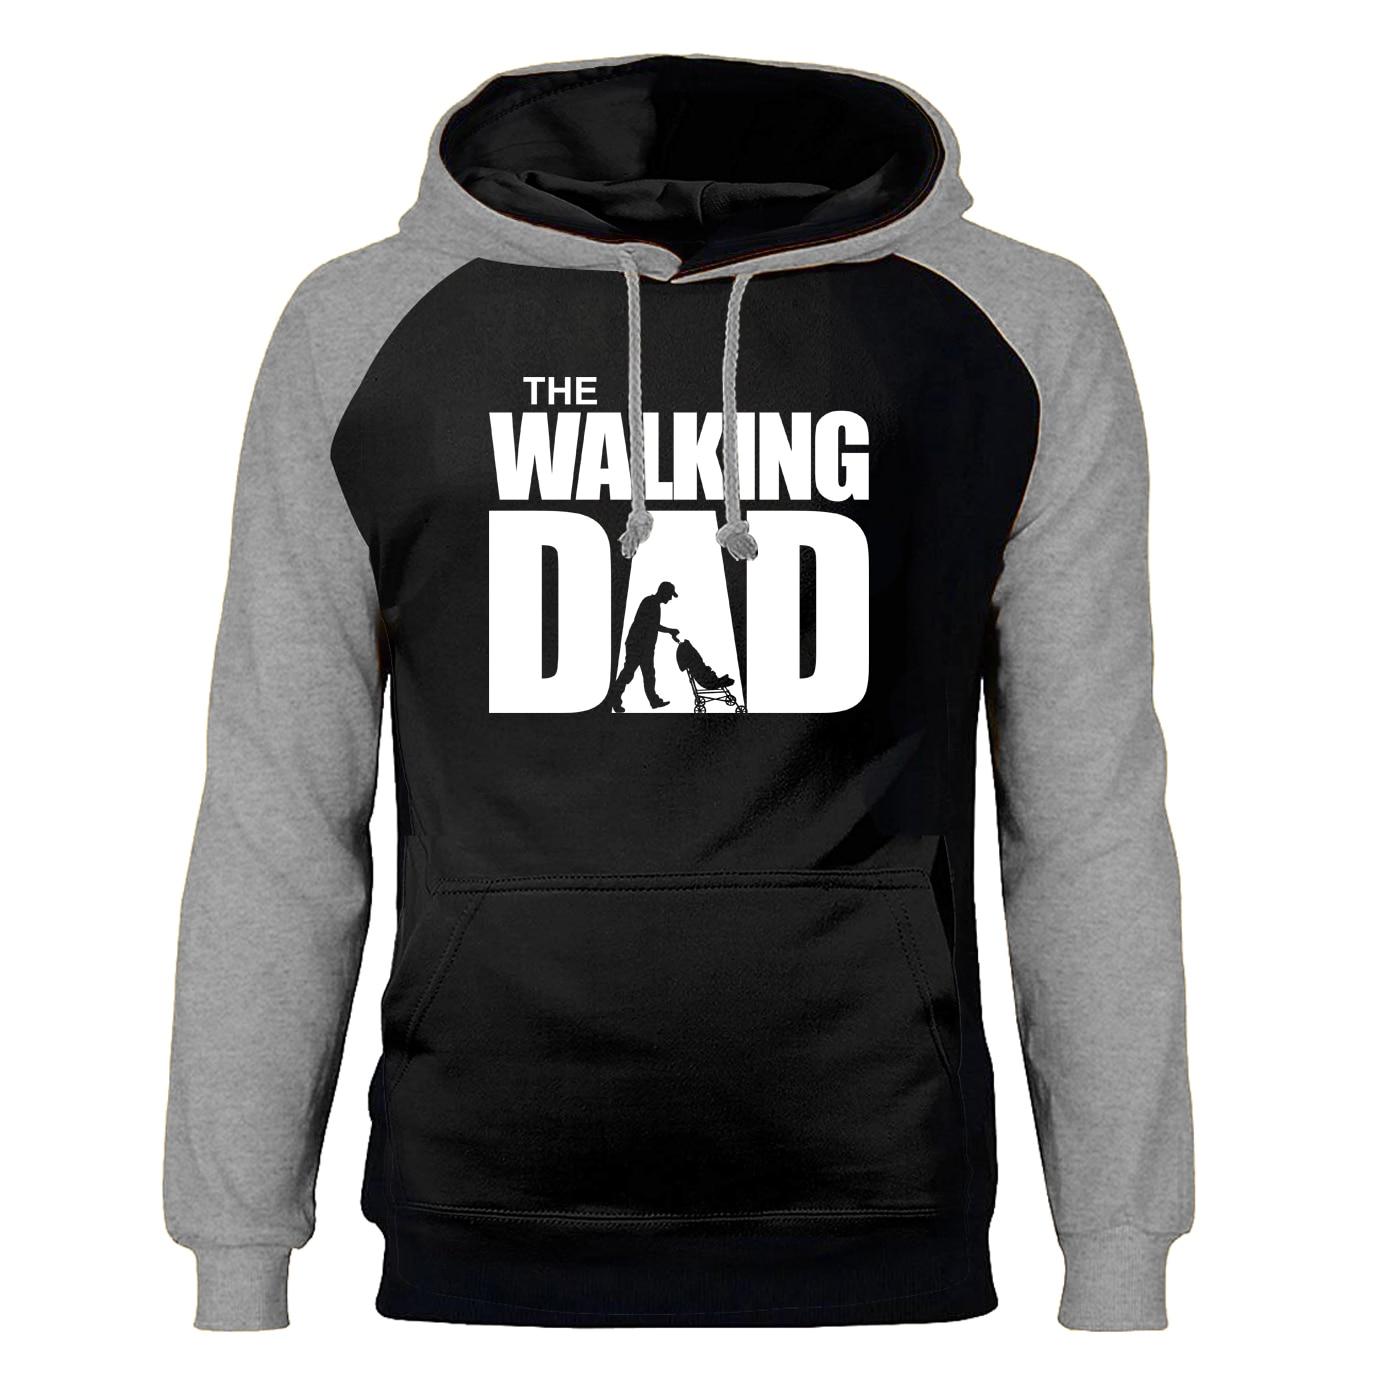 The Walking Dead Sweatshirts Hoodies Men Raglan Hooded Hoodie Sweatshirt 2019 Winter Autumn Fleece Warm Horror Sportswear Mens